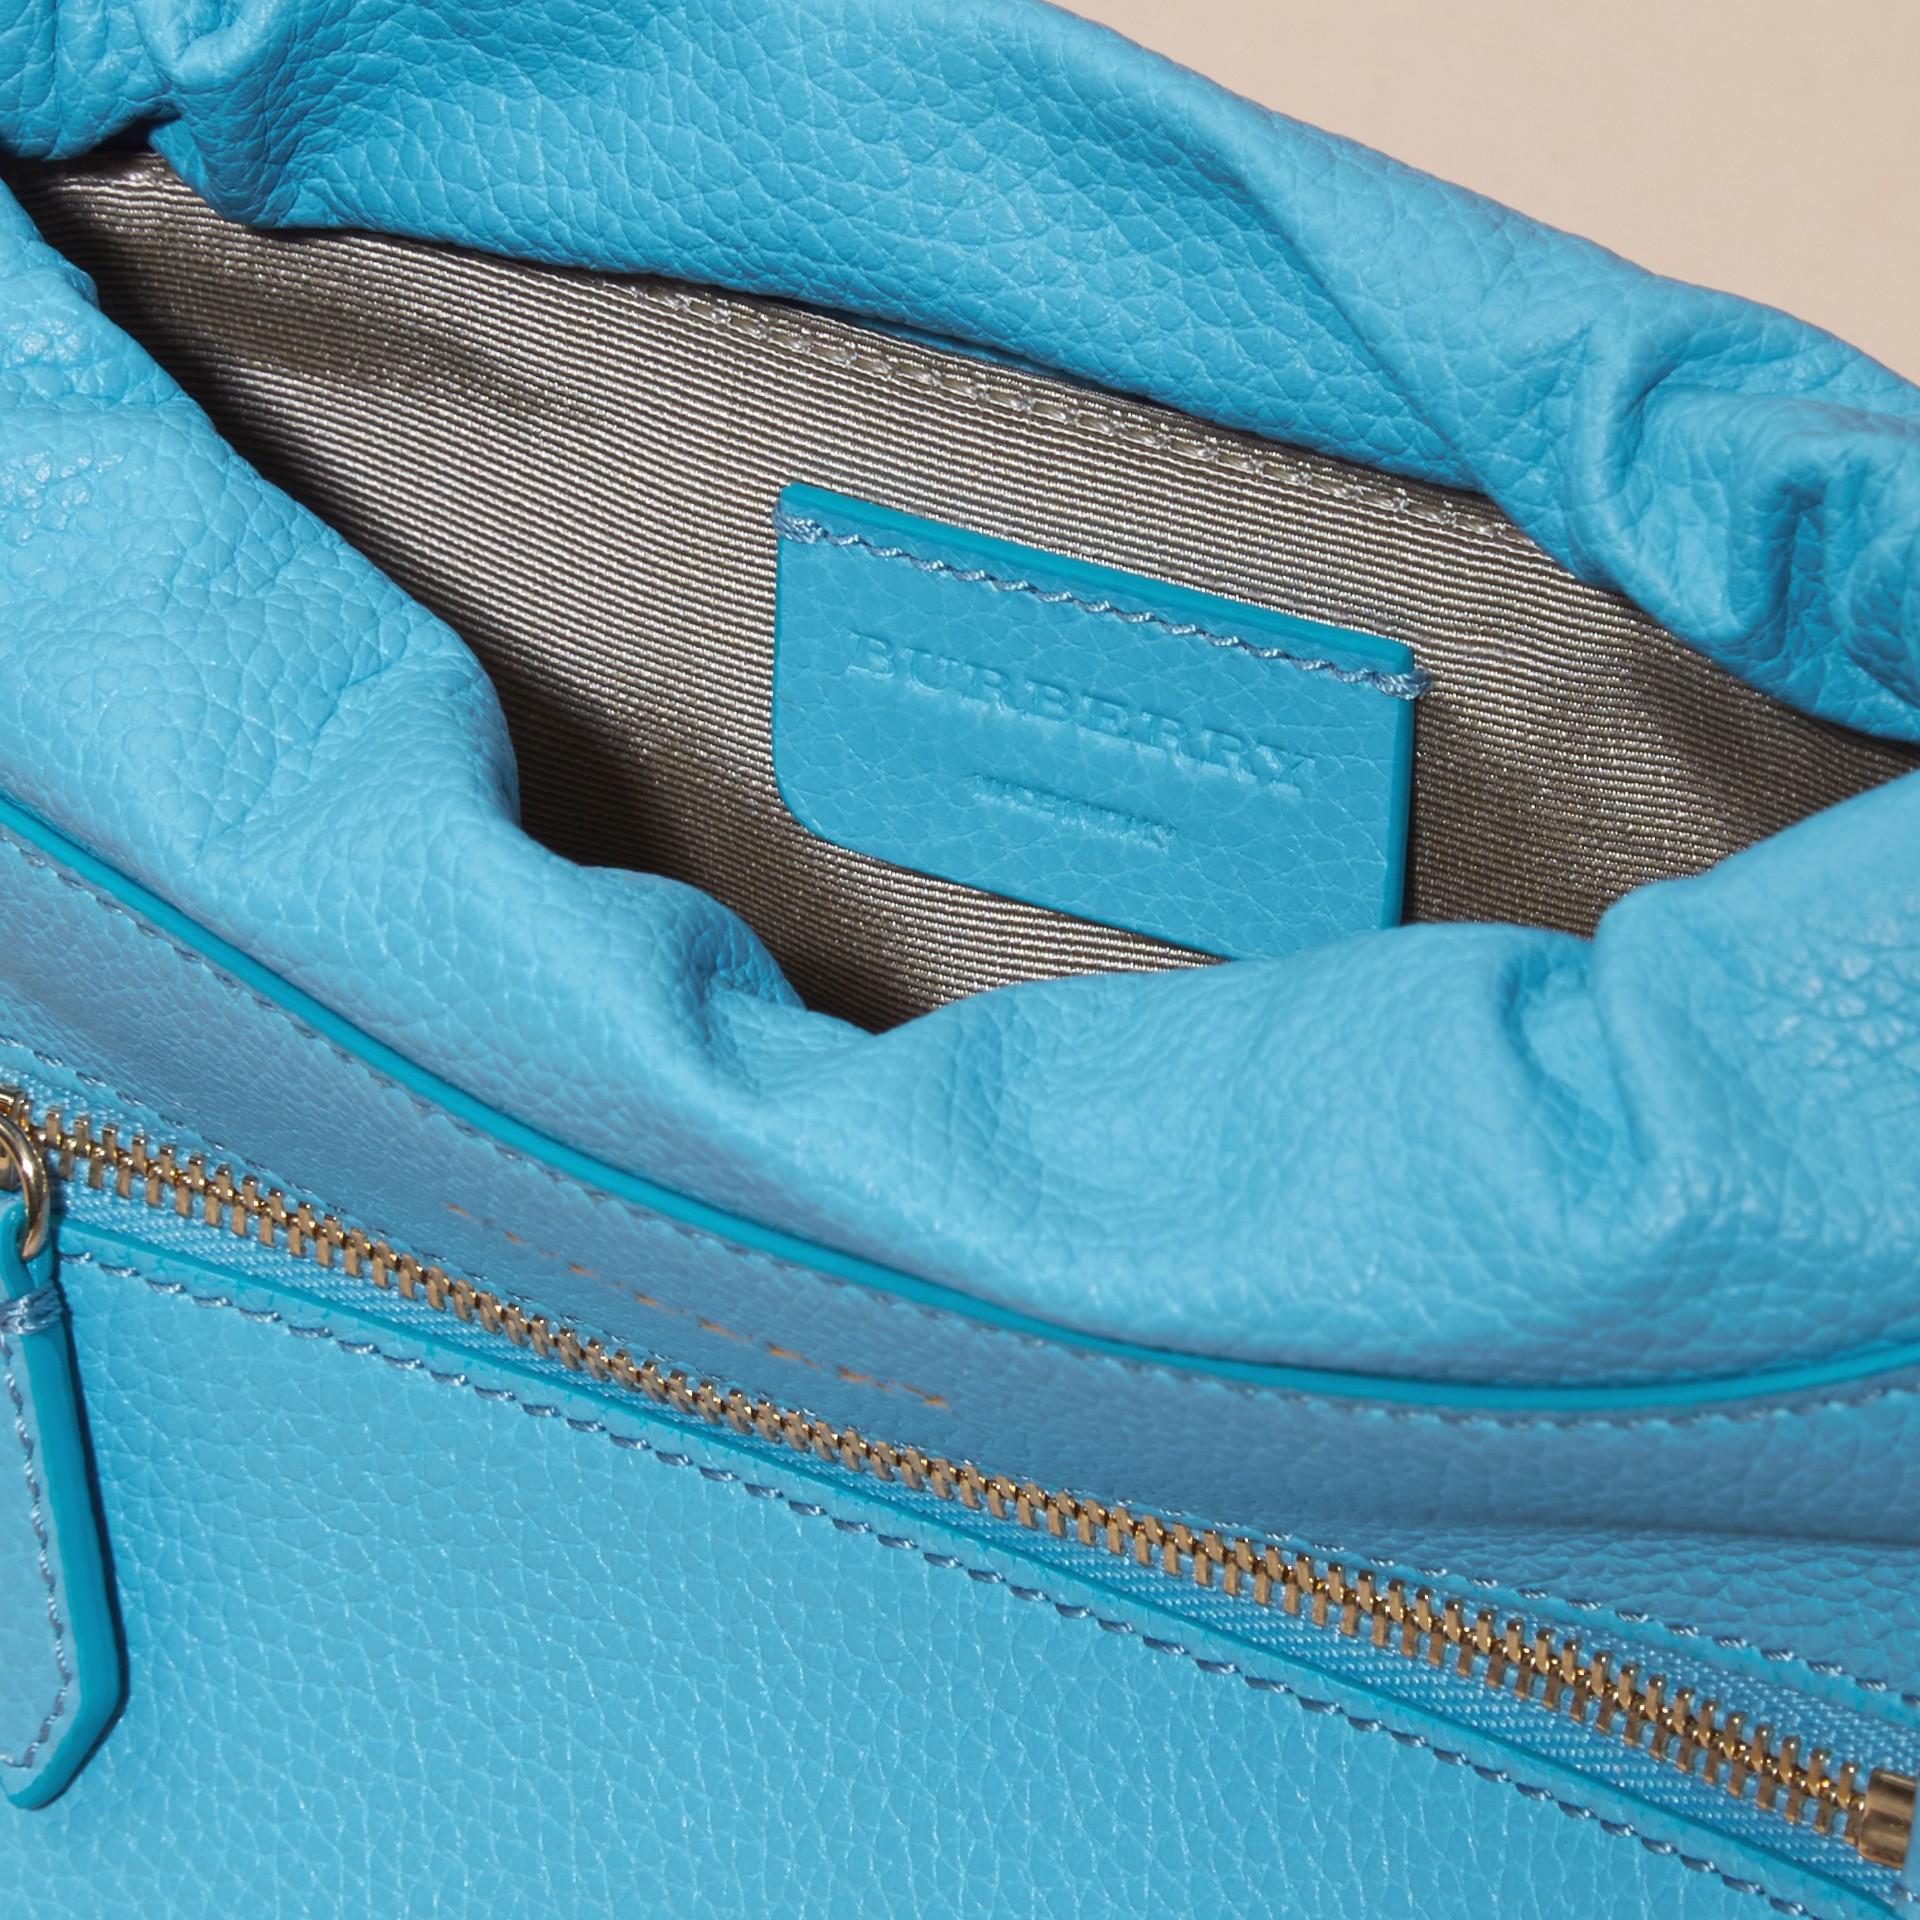 Bleu mineral vif Sac The Mini Crush en cuir grené Bleu Mineral Vif - photo de la galerie 4